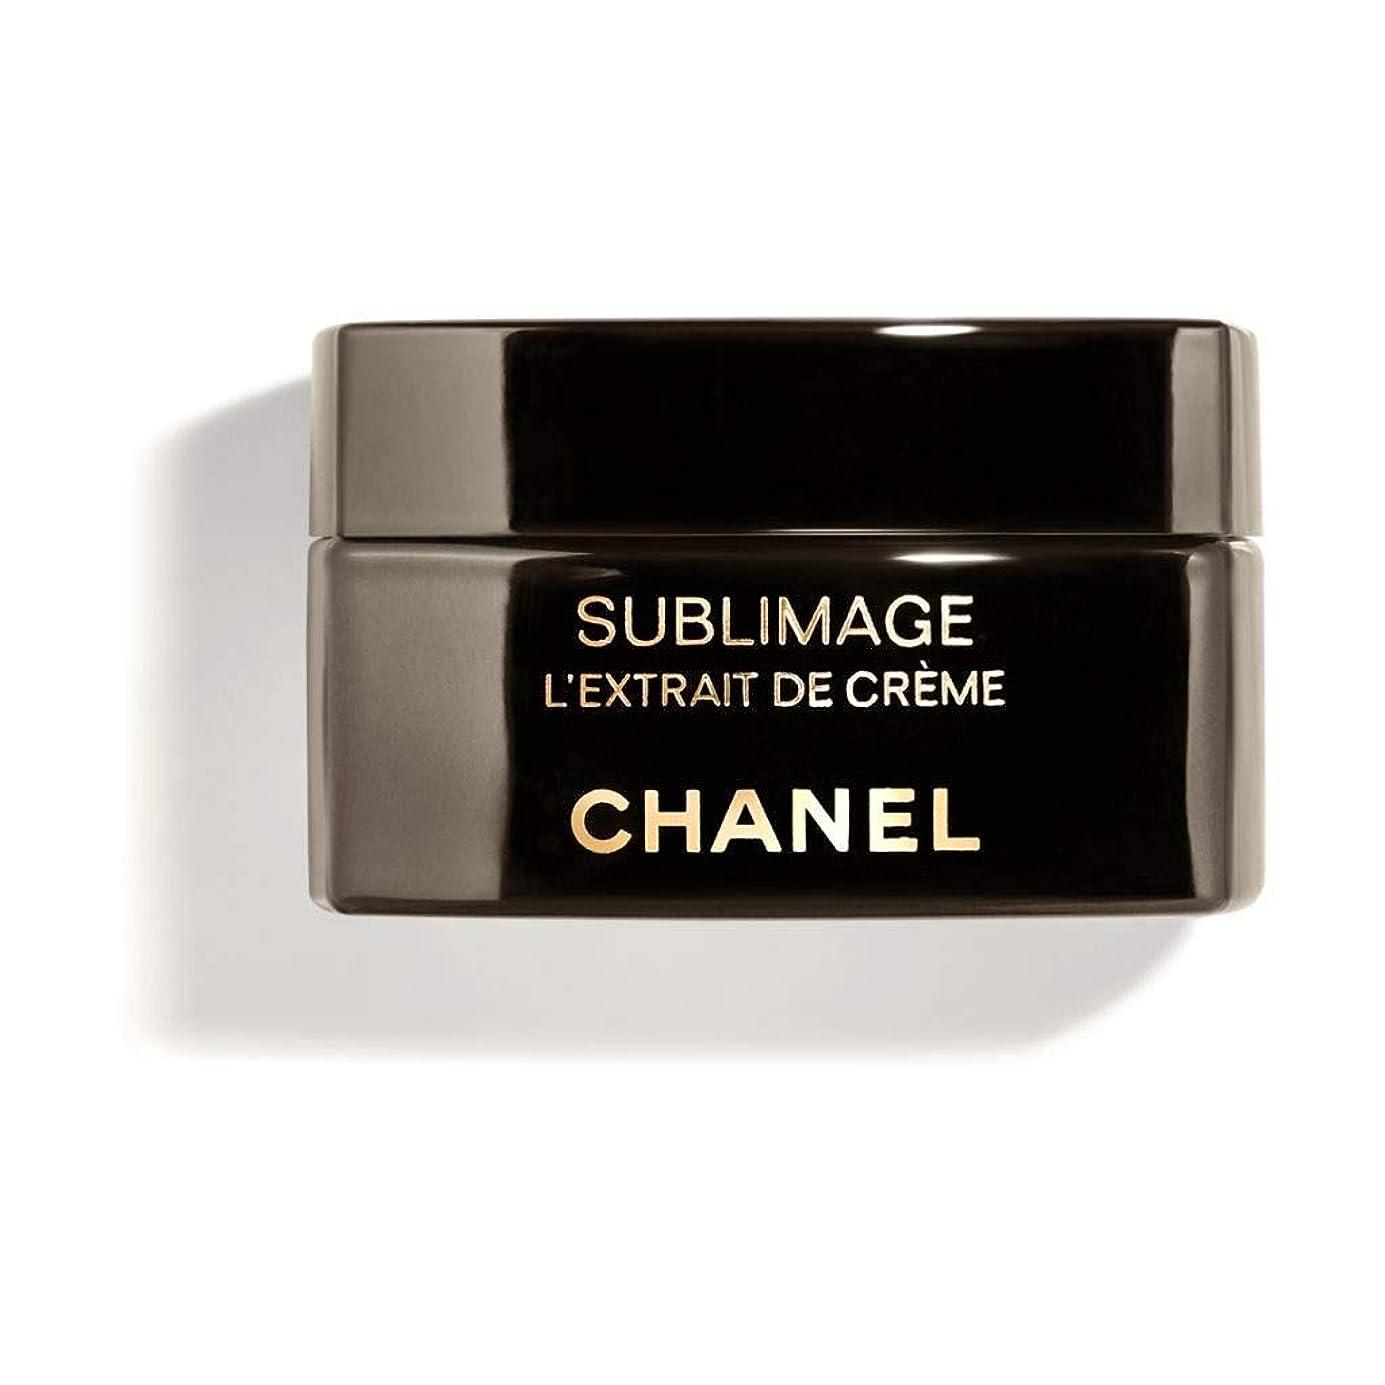 担保靄バーストCHANEL(シャネル) SUBLIMAGE L EXTRAIT DE CREME サブリマージュ レクストレ ドゥ クレーム 50g